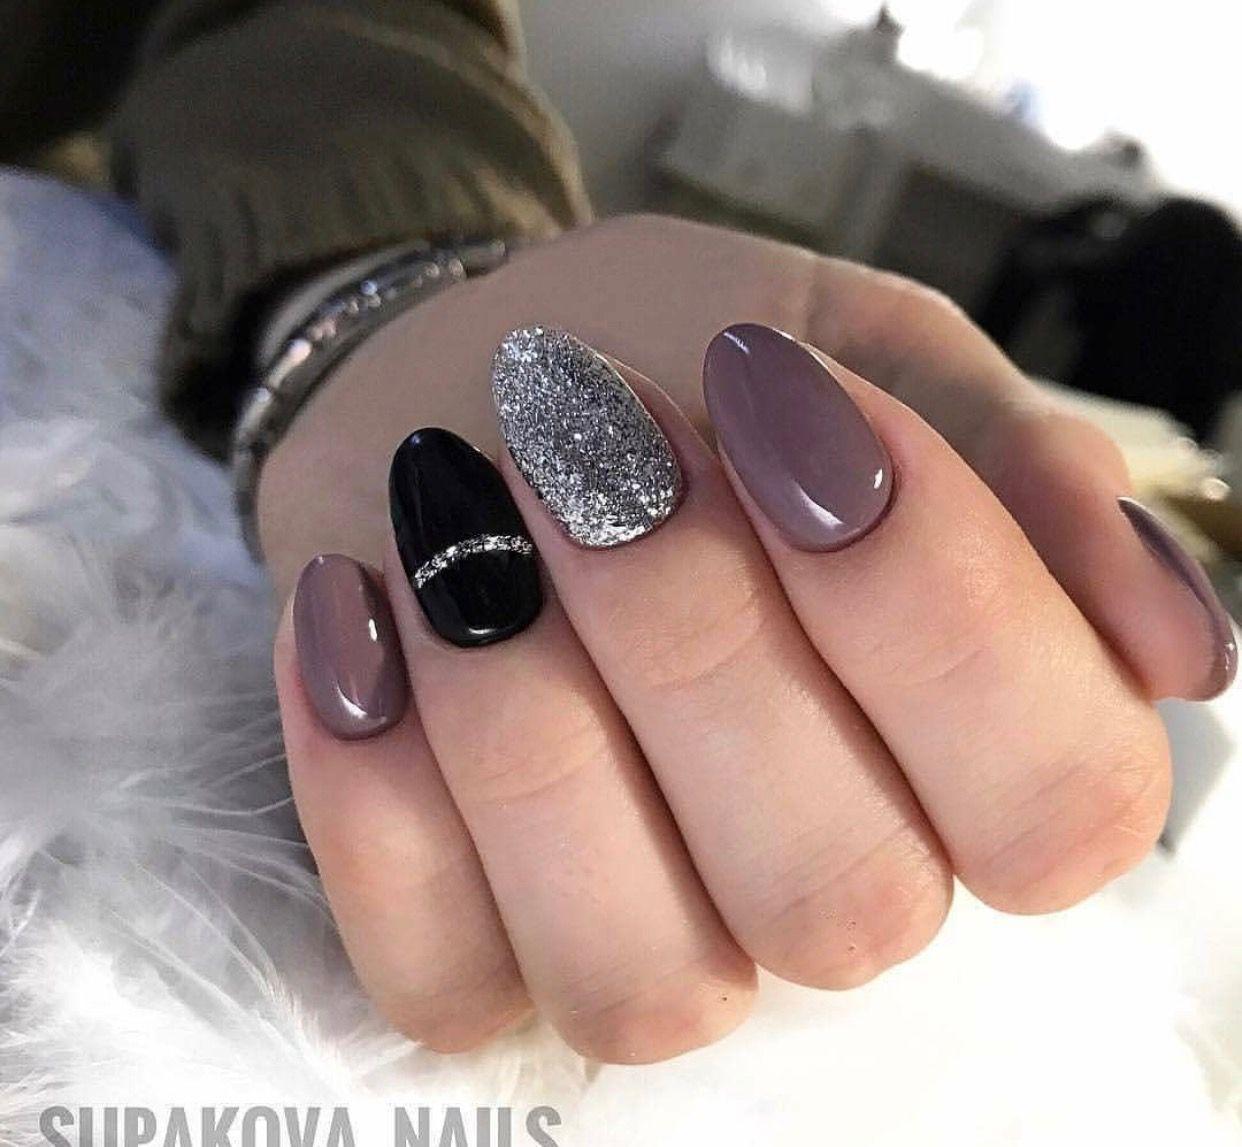 NailsDesign | Manicuras | Pinterest | Diseños de uñas, Manicuras y ...